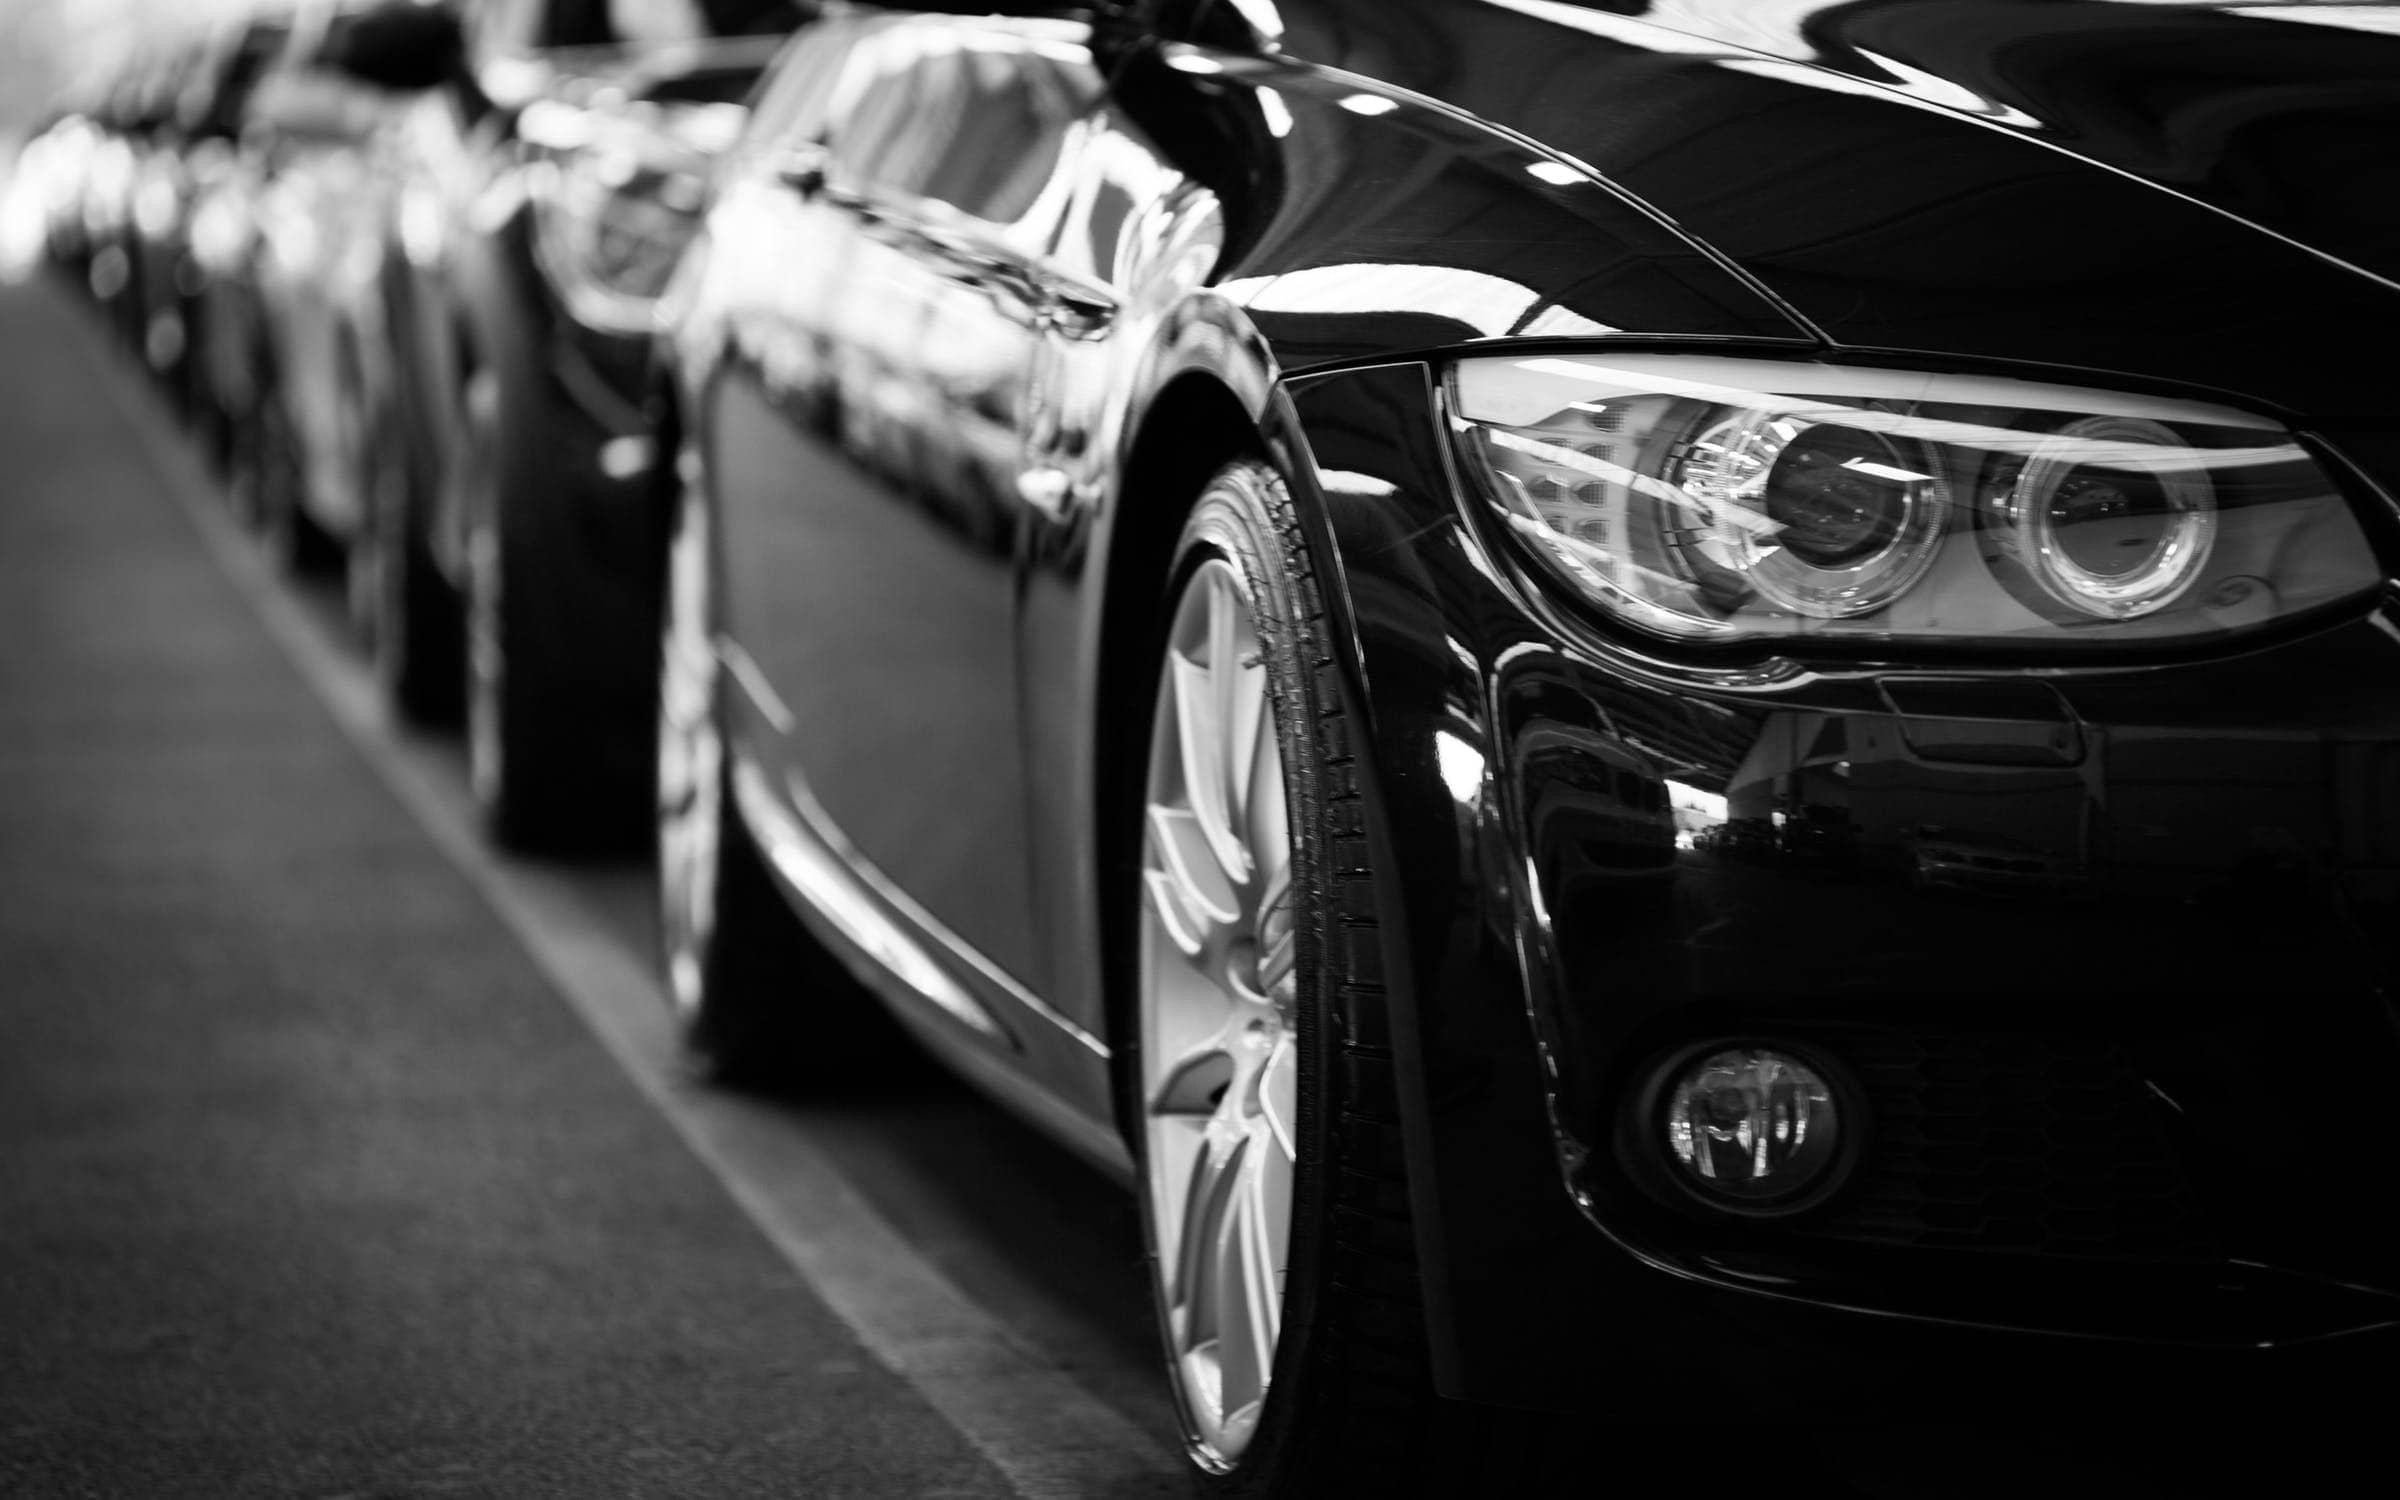 تعرف على قائمة السيارات الأكثر تكلفة بالنسبة لشركات التأمين